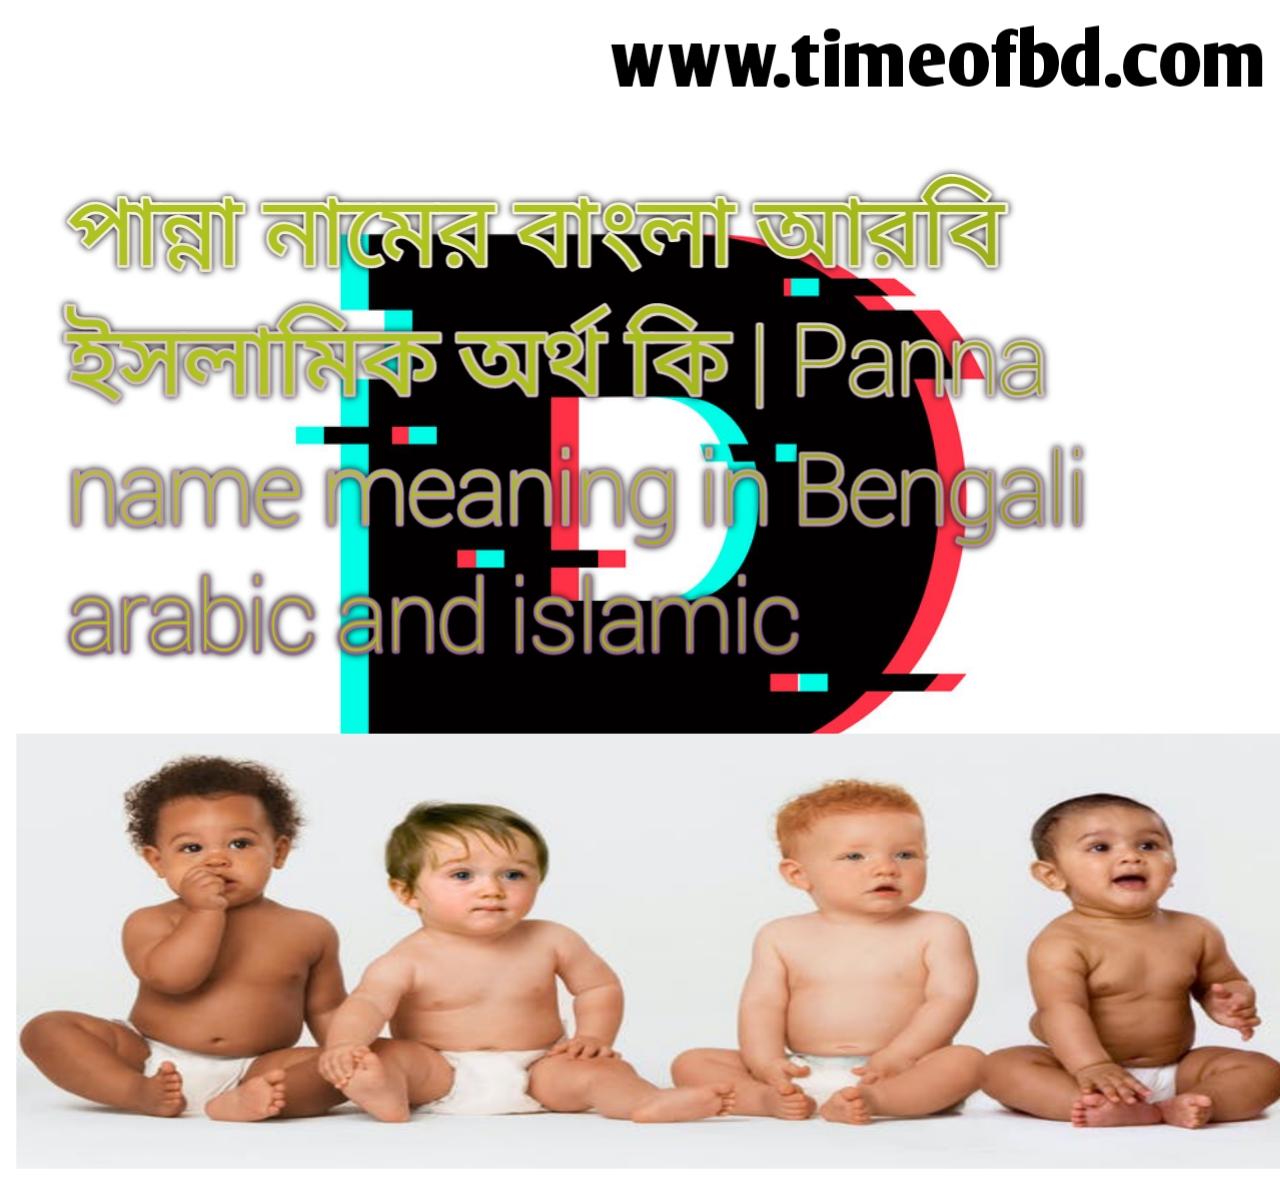 পান্না নামের অর্থ কি, পান্না নামের বাংলা অর্থ কি, পান্না নামের ইসলামিক অর্থ কি, Panna name meaning in Bengali, পান্না কি ইসলামিক নাম,